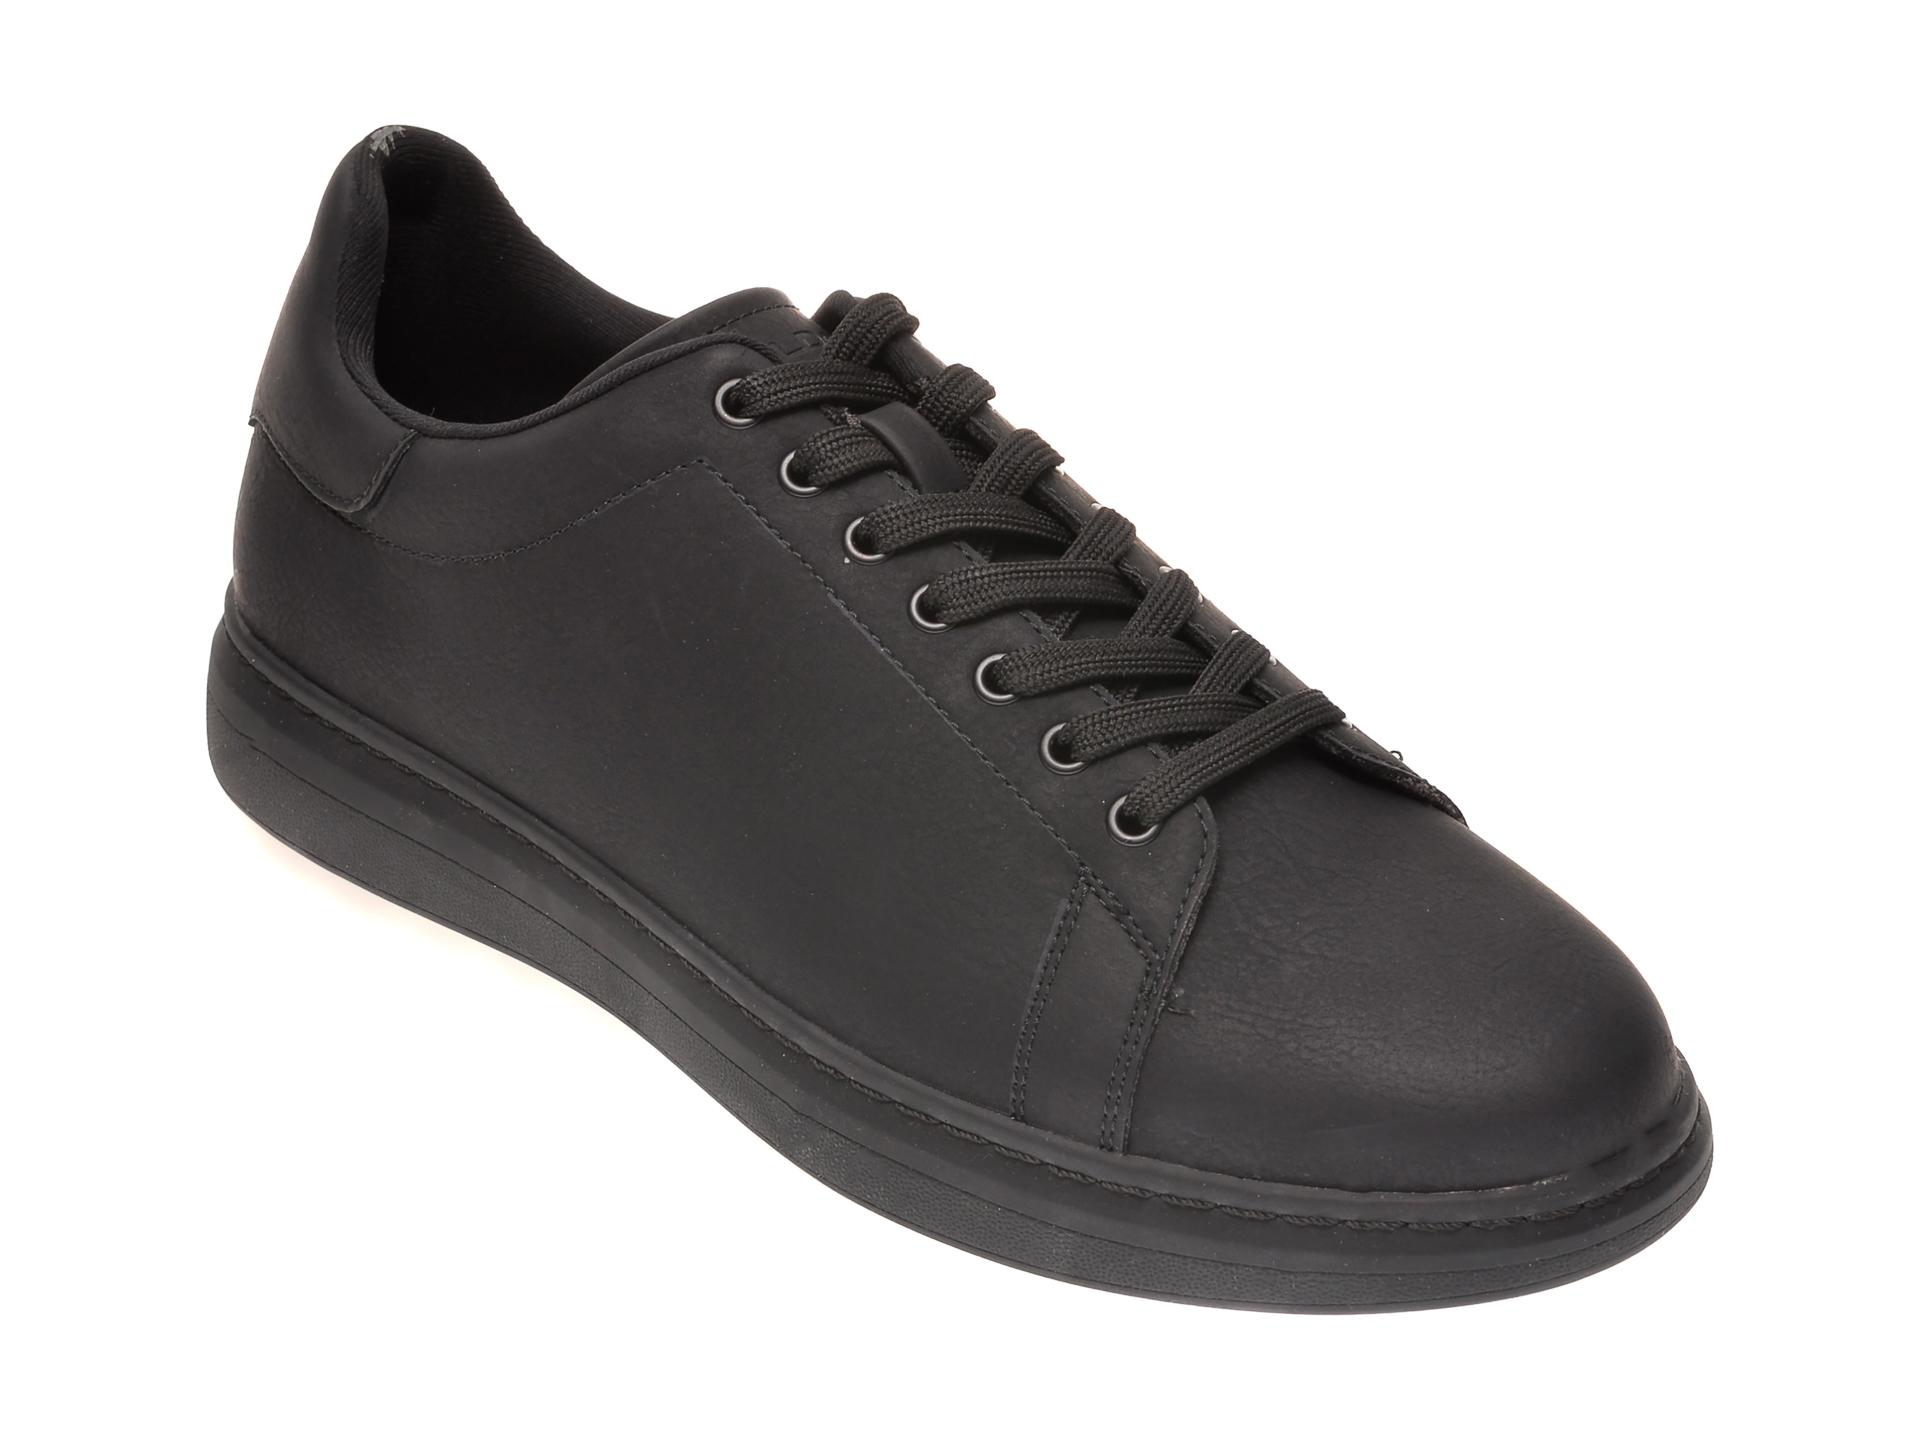 Pantofi ALDO negri, Dallyn001, din piele ecologica imagine